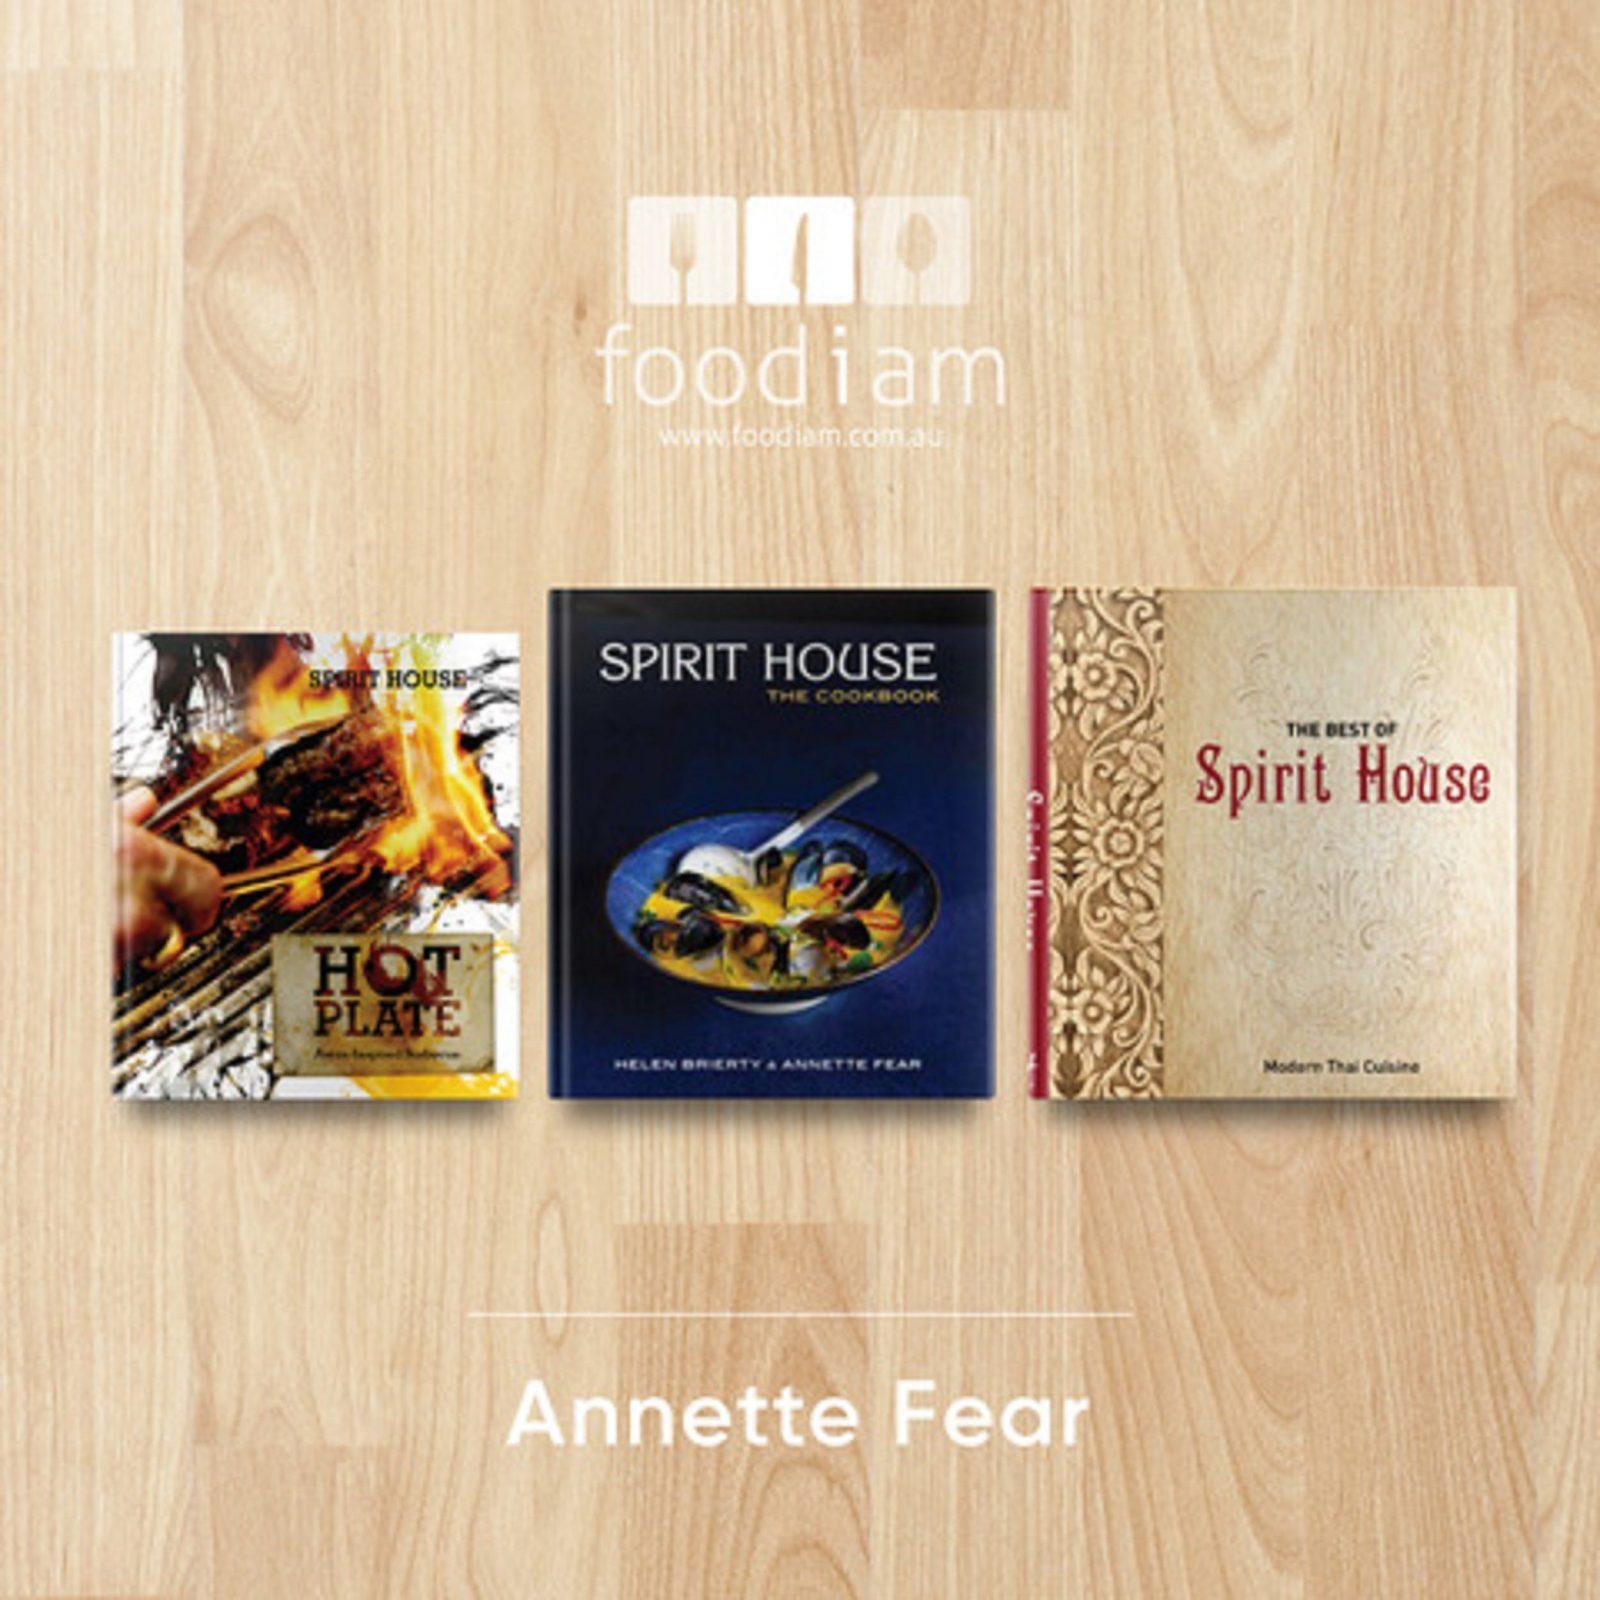 Annette Fear